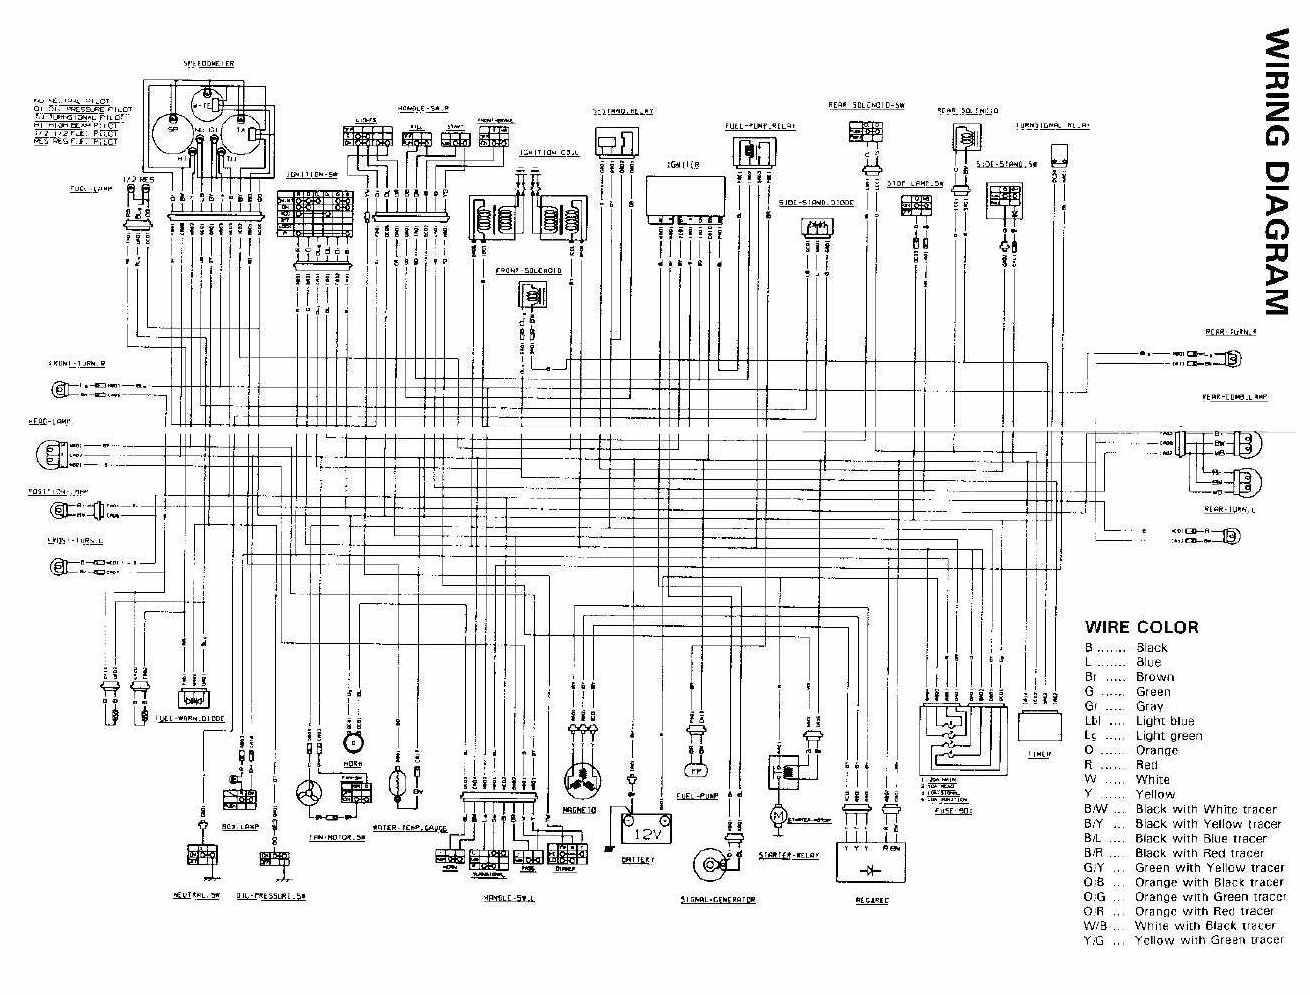 [DIAGRAM] Suzuki Intruder 1800 Wiring Diagram FULL Version